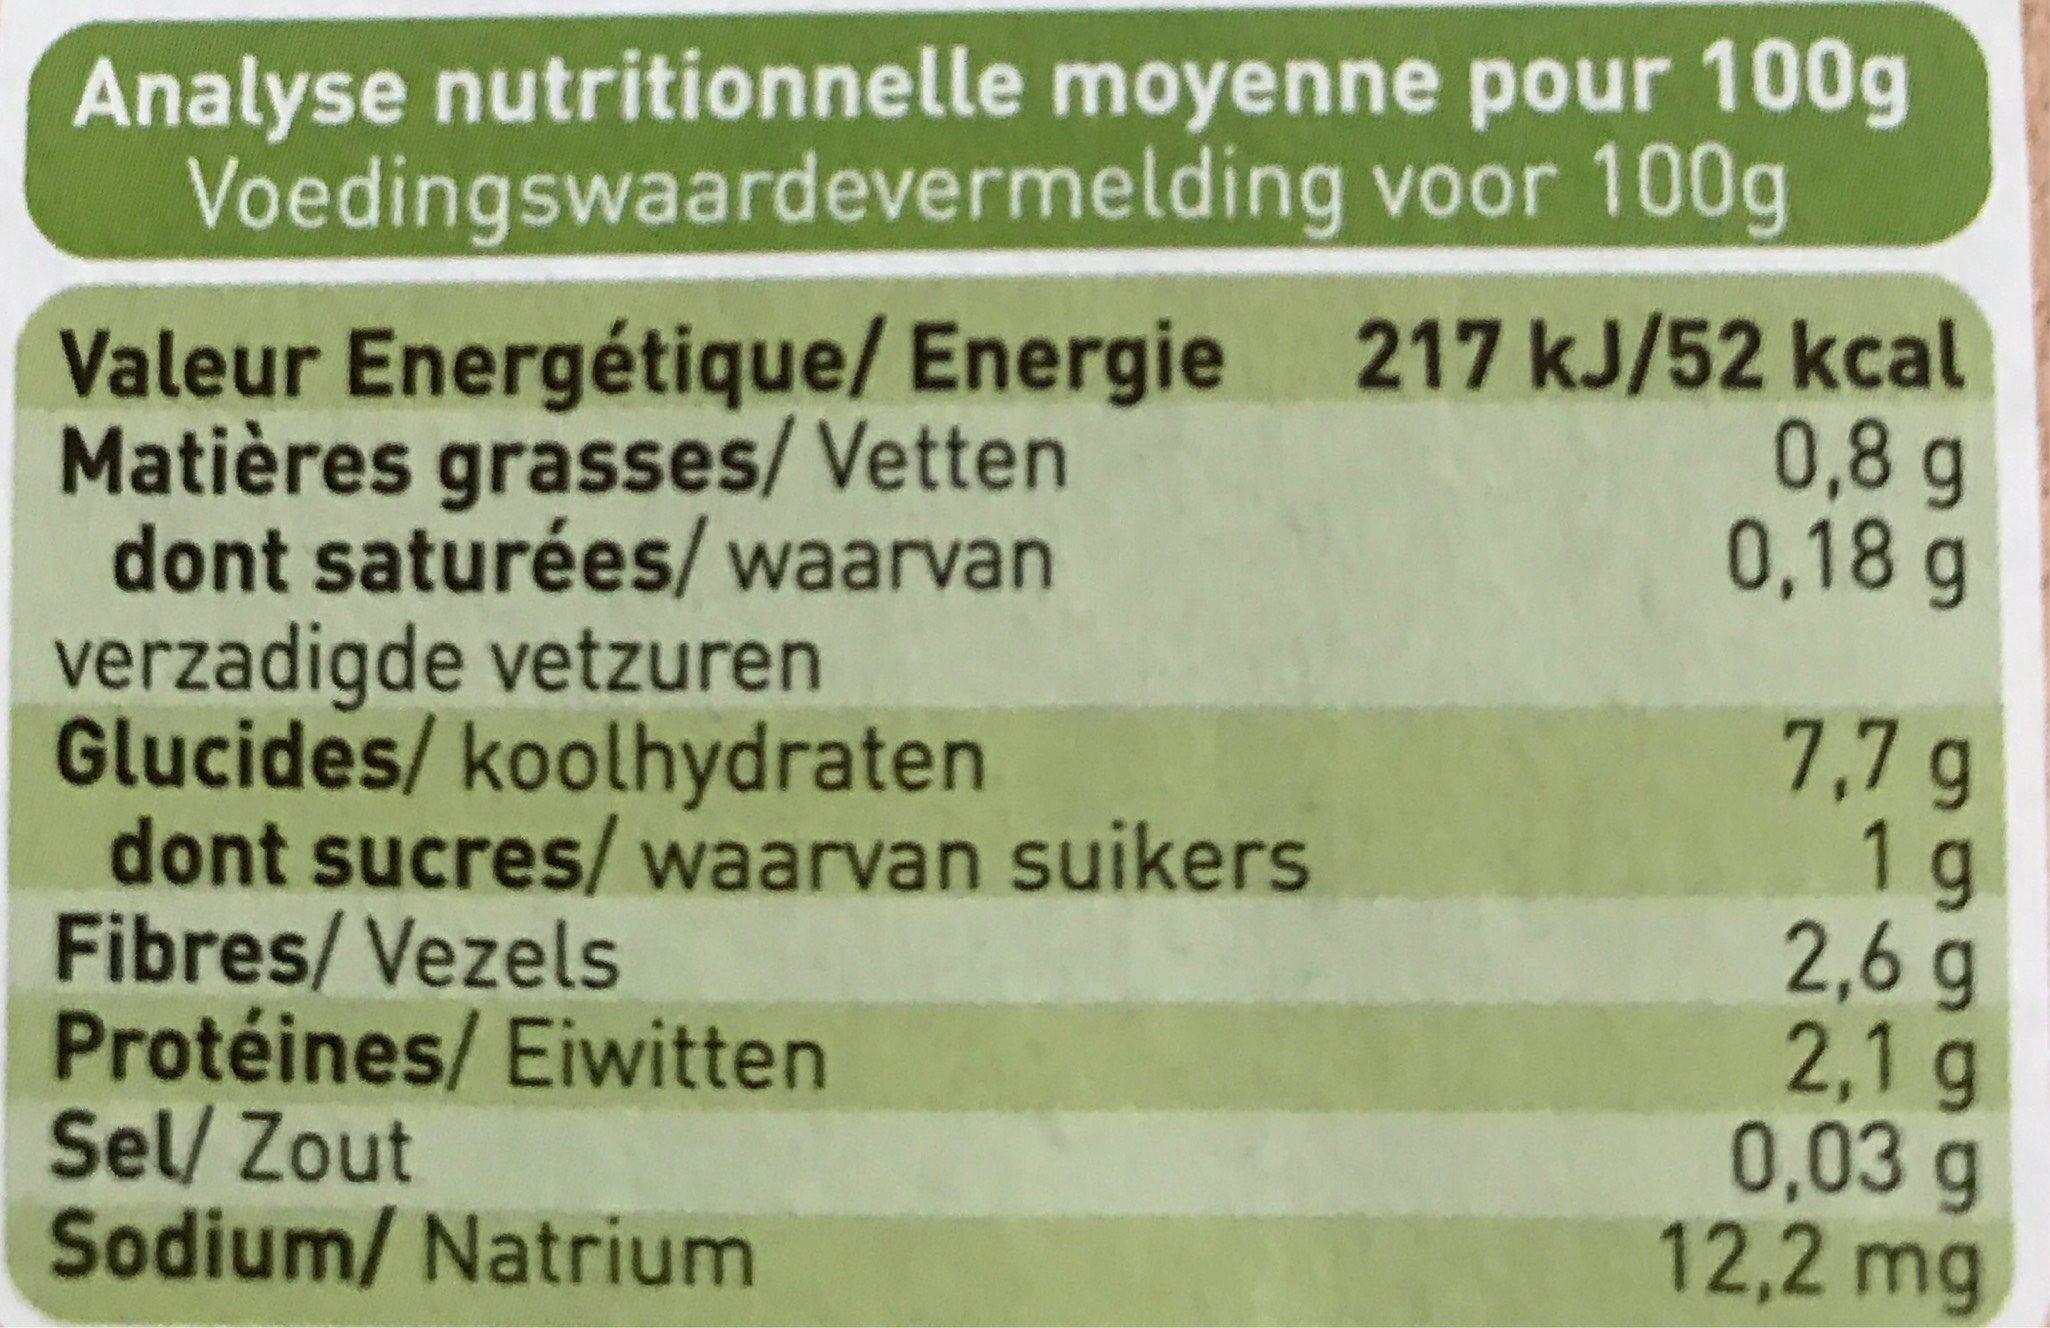 Jardinière de légumes, dès 4 mois, certifié AB - Voedigswaarden